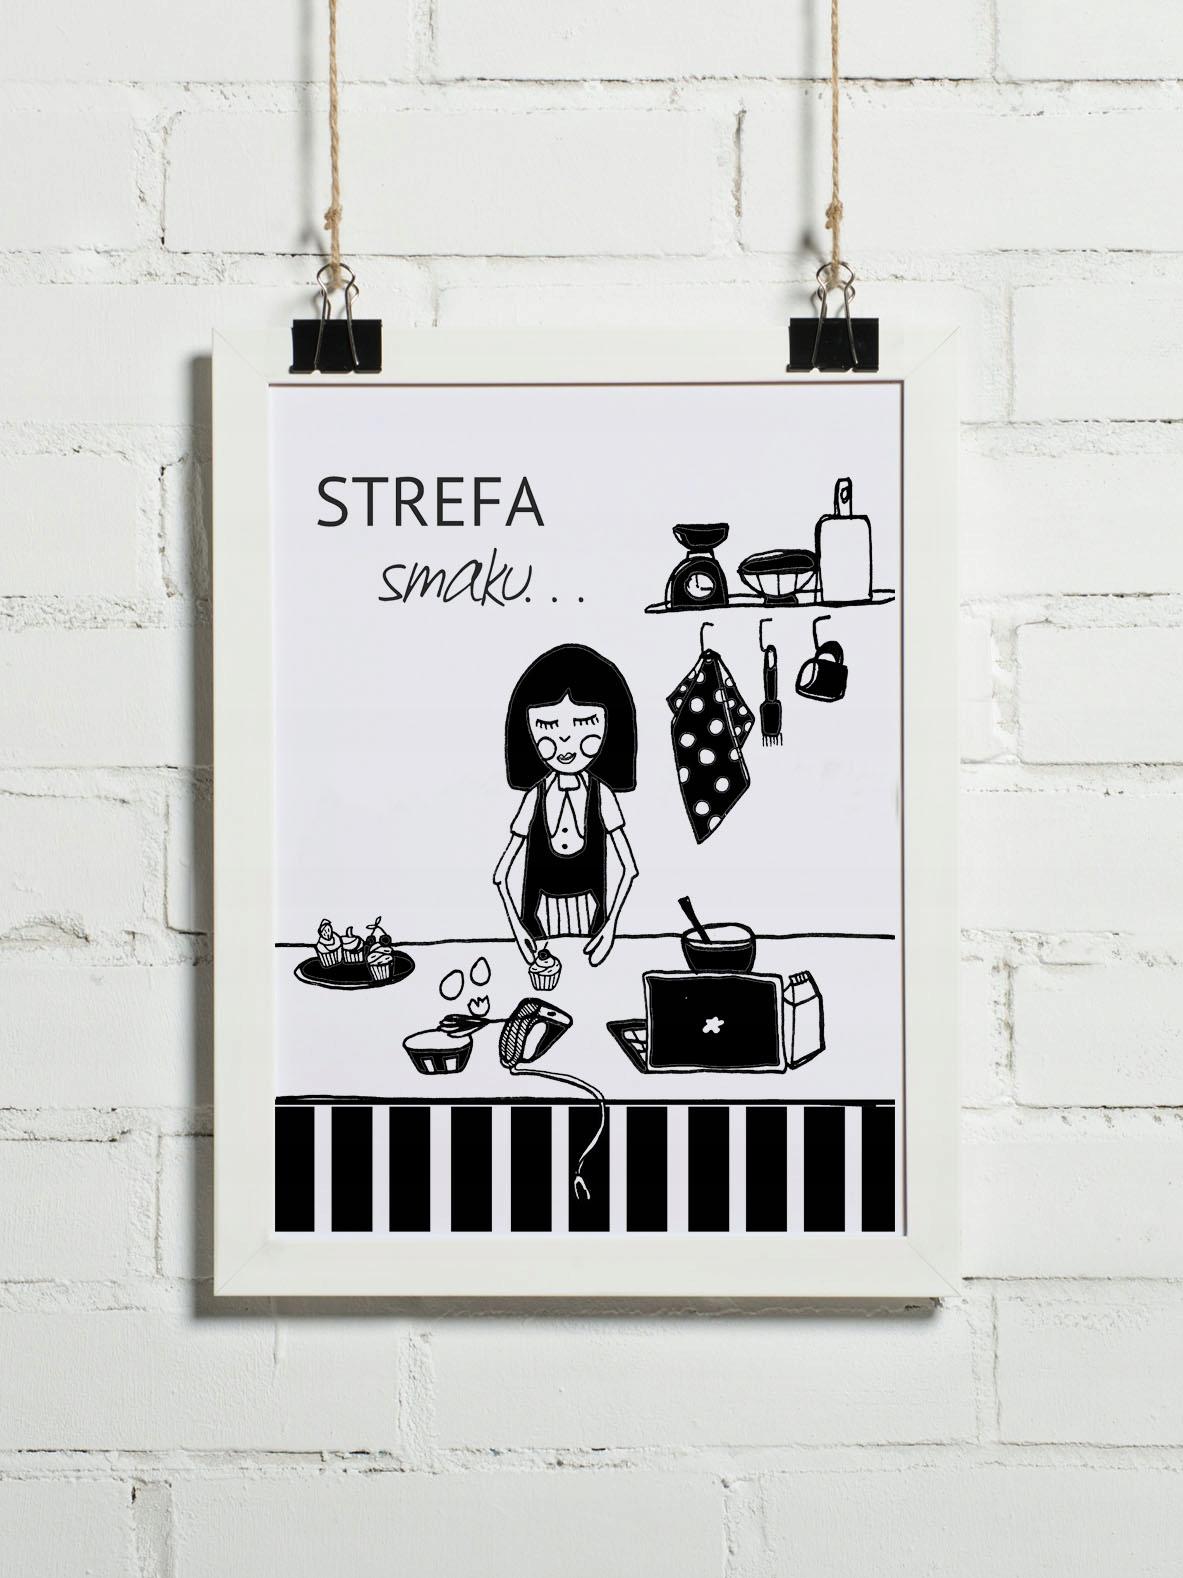 Постер на кухню с надписями